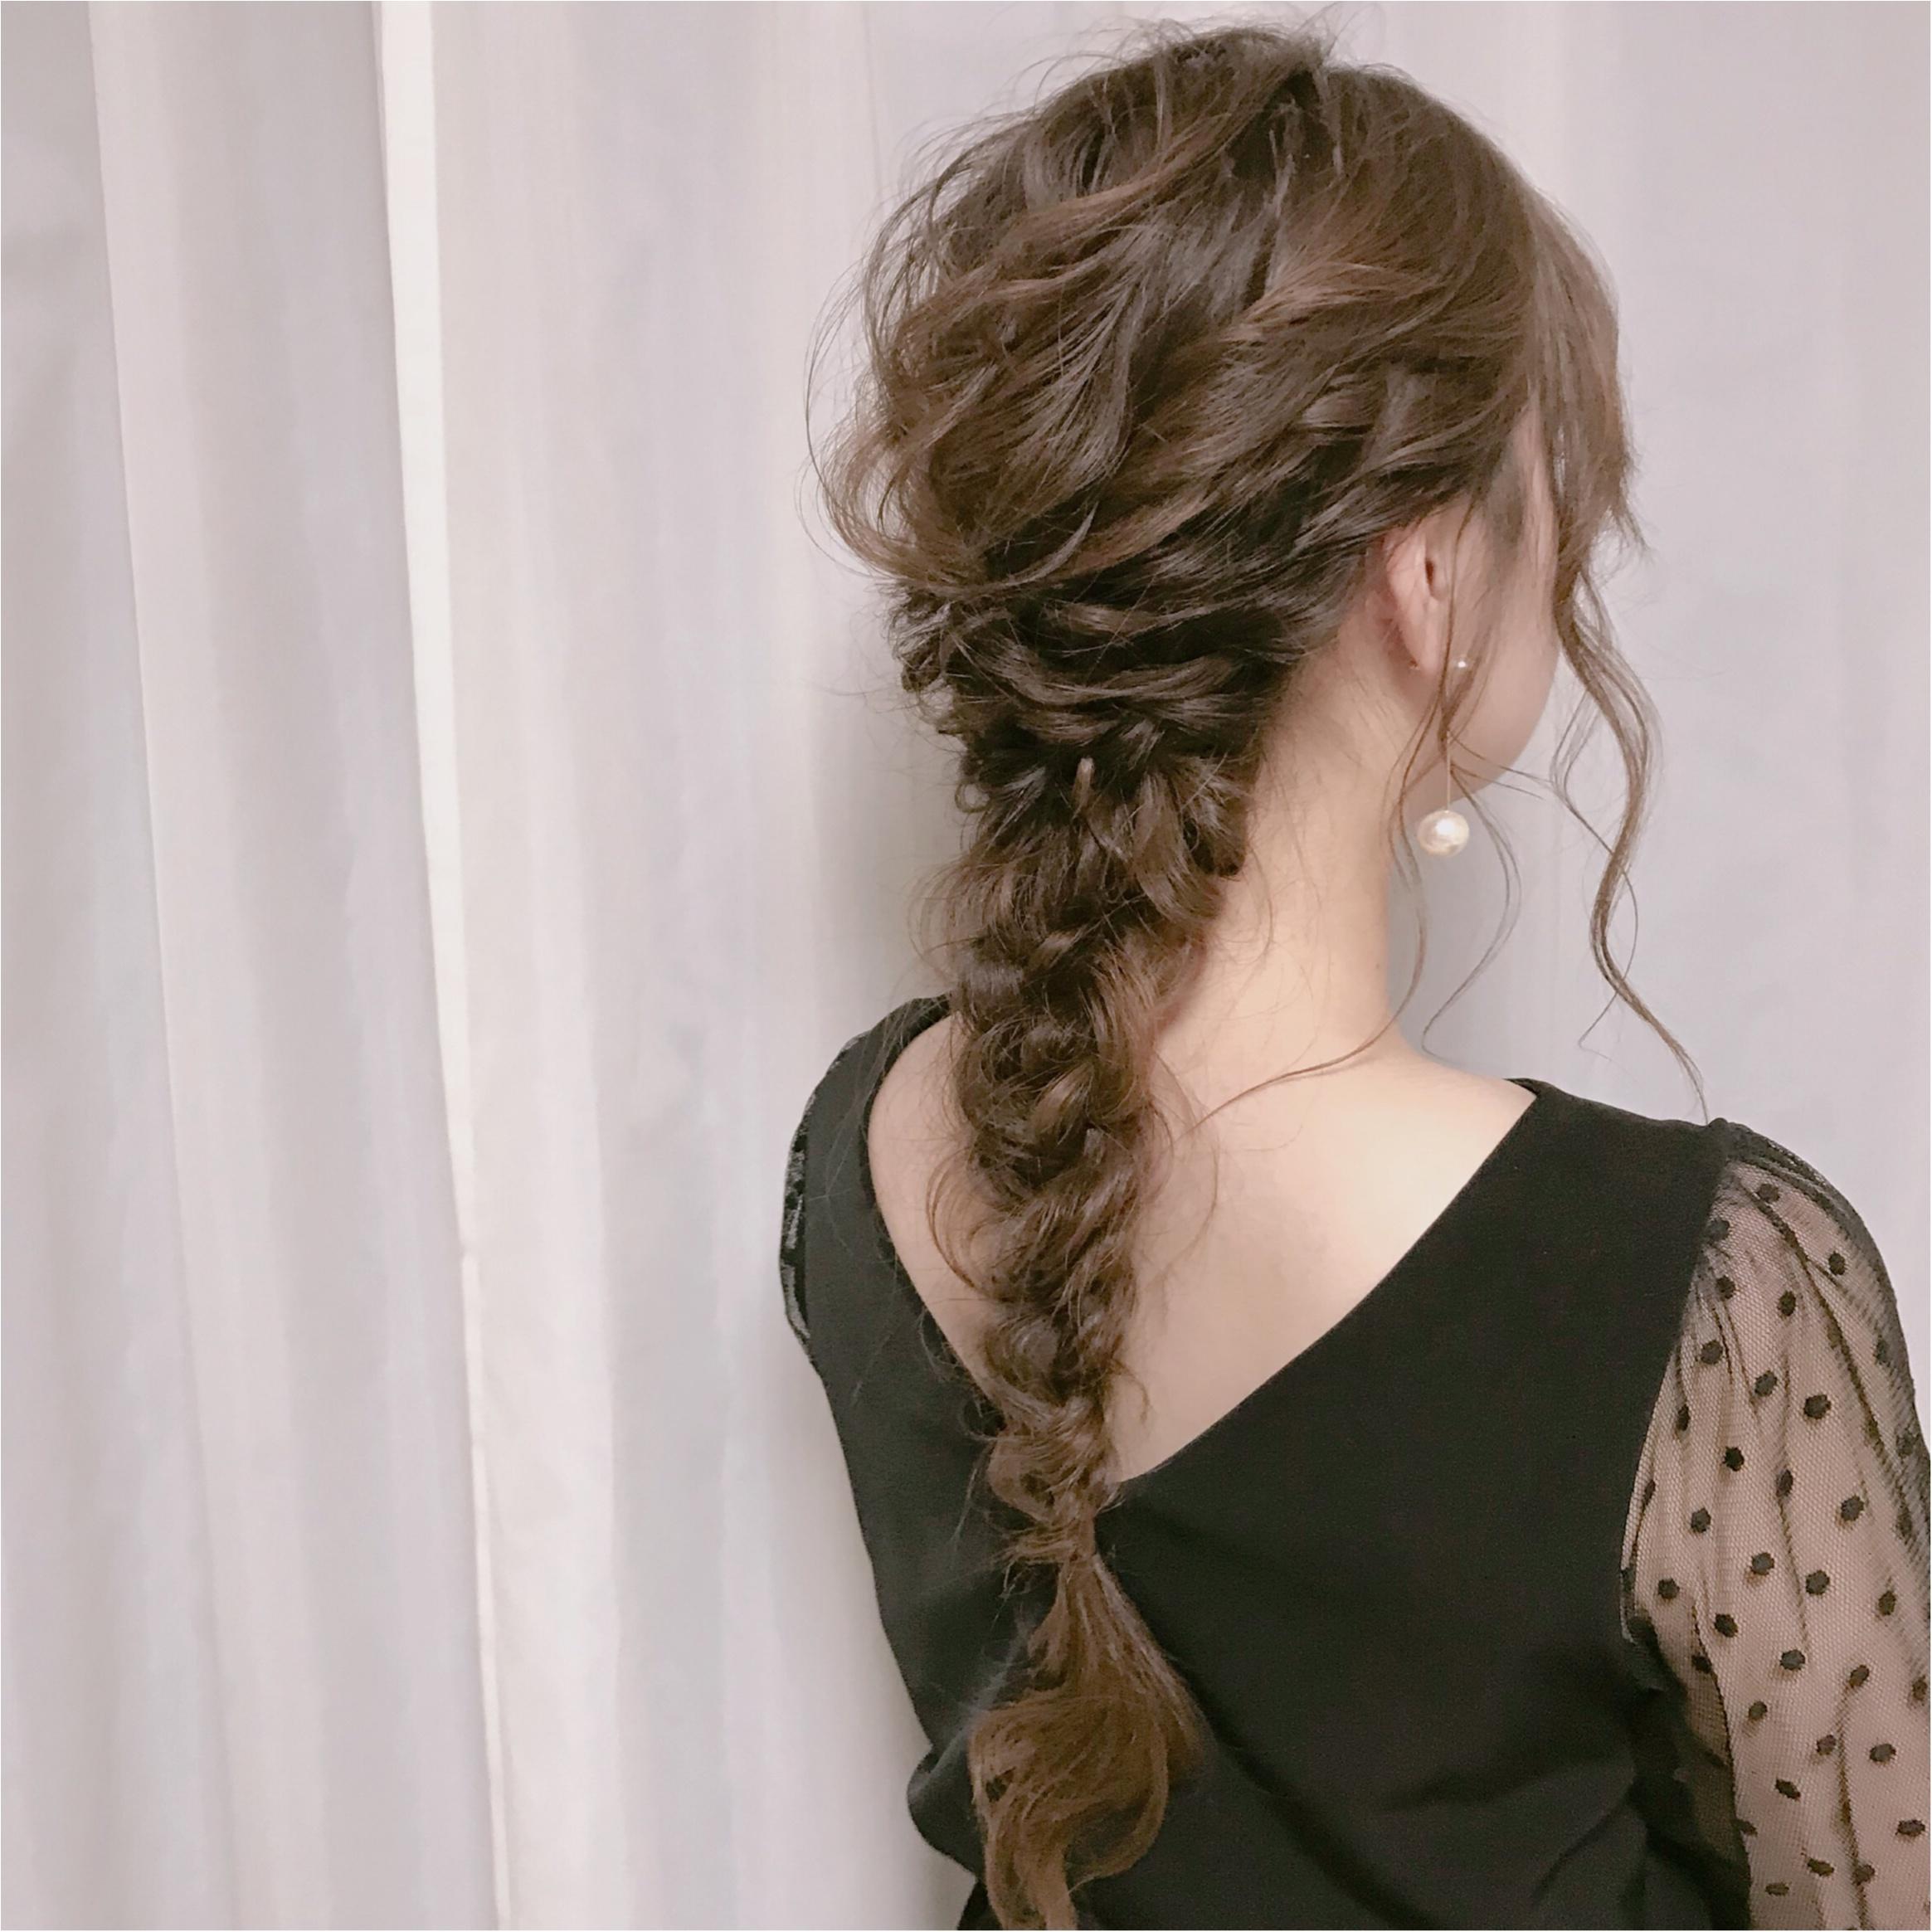 結婚式特集《髪型編》- 簡単にできるお招ばれヘアアレンジや、おすすめヘアアクセサリー_30